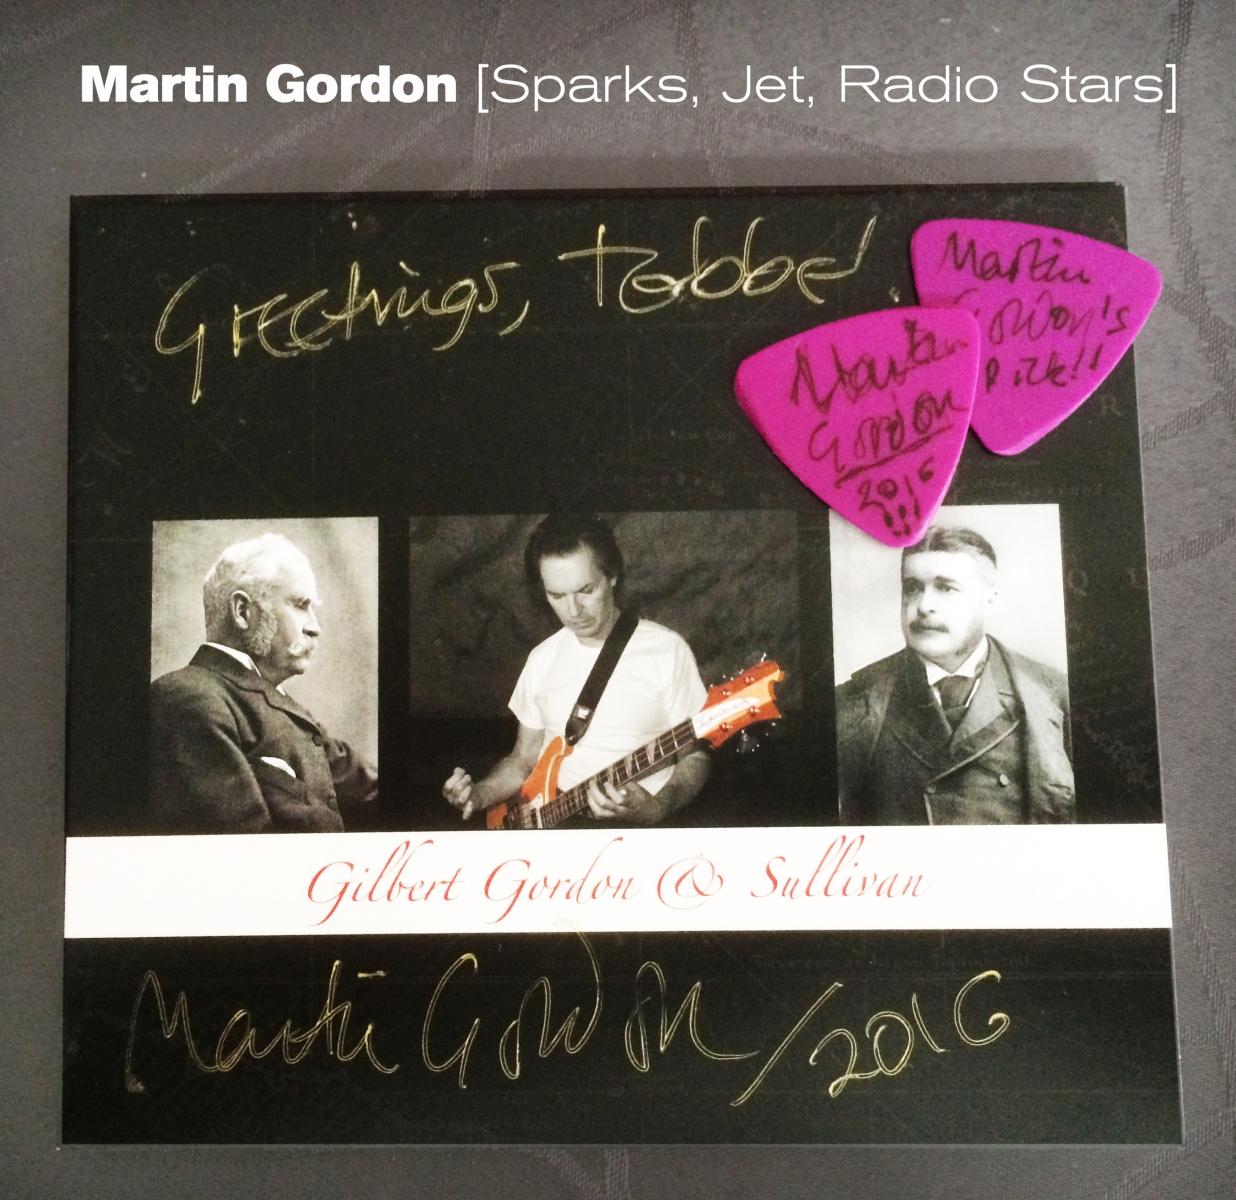 Martin Gordon